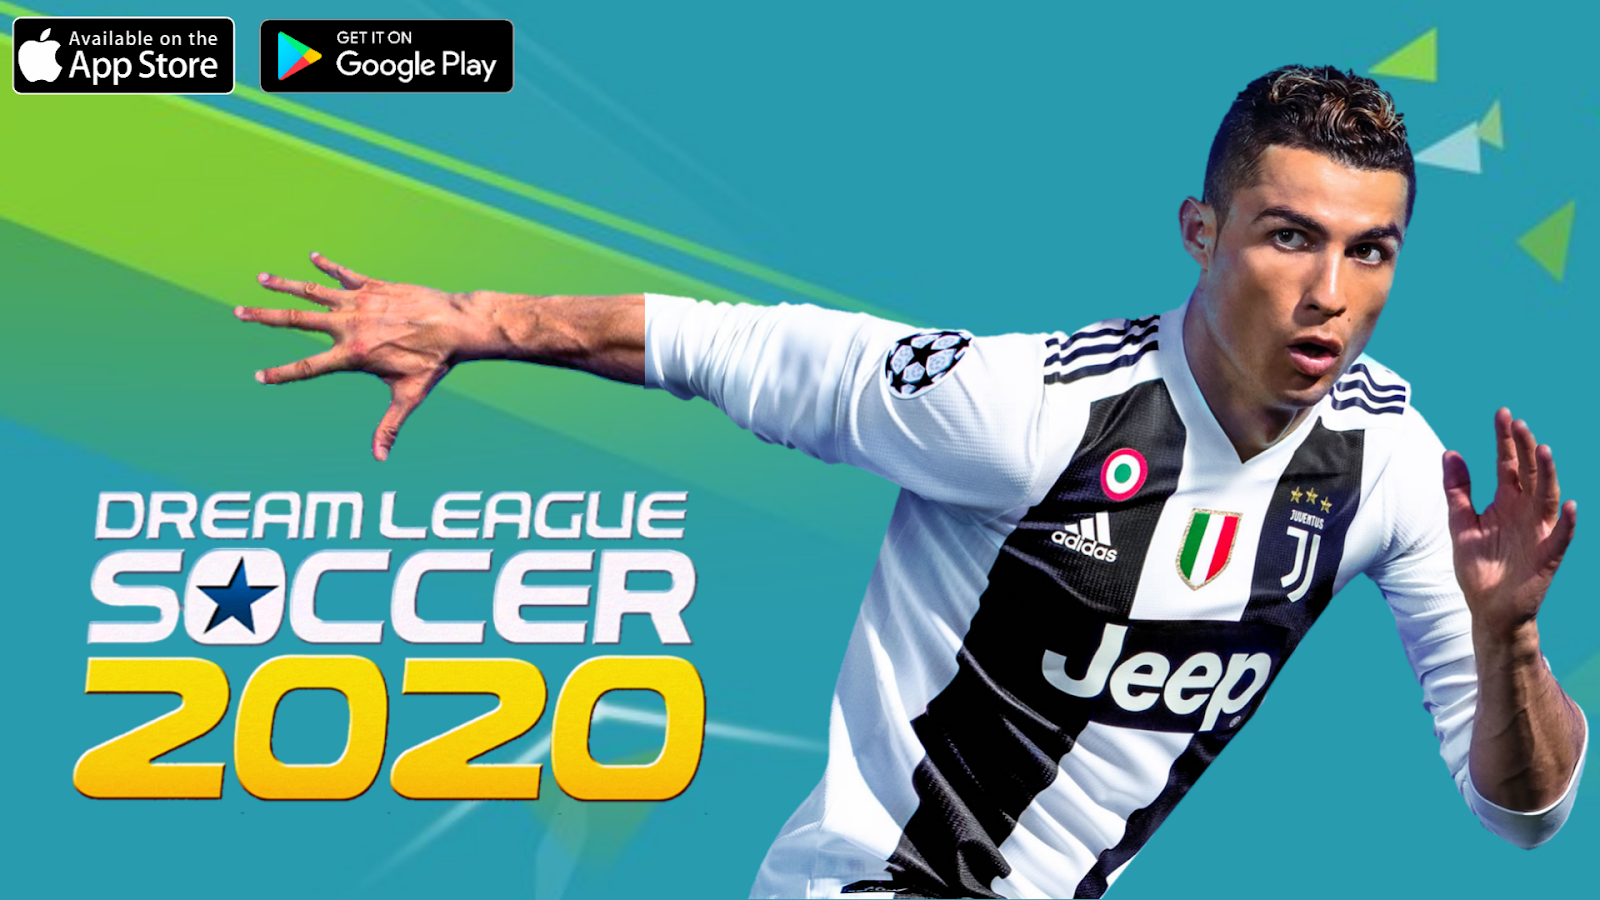 Dream league soccer 2020 Dream League Soccer 2019 2020 2020 01 19 1600x900